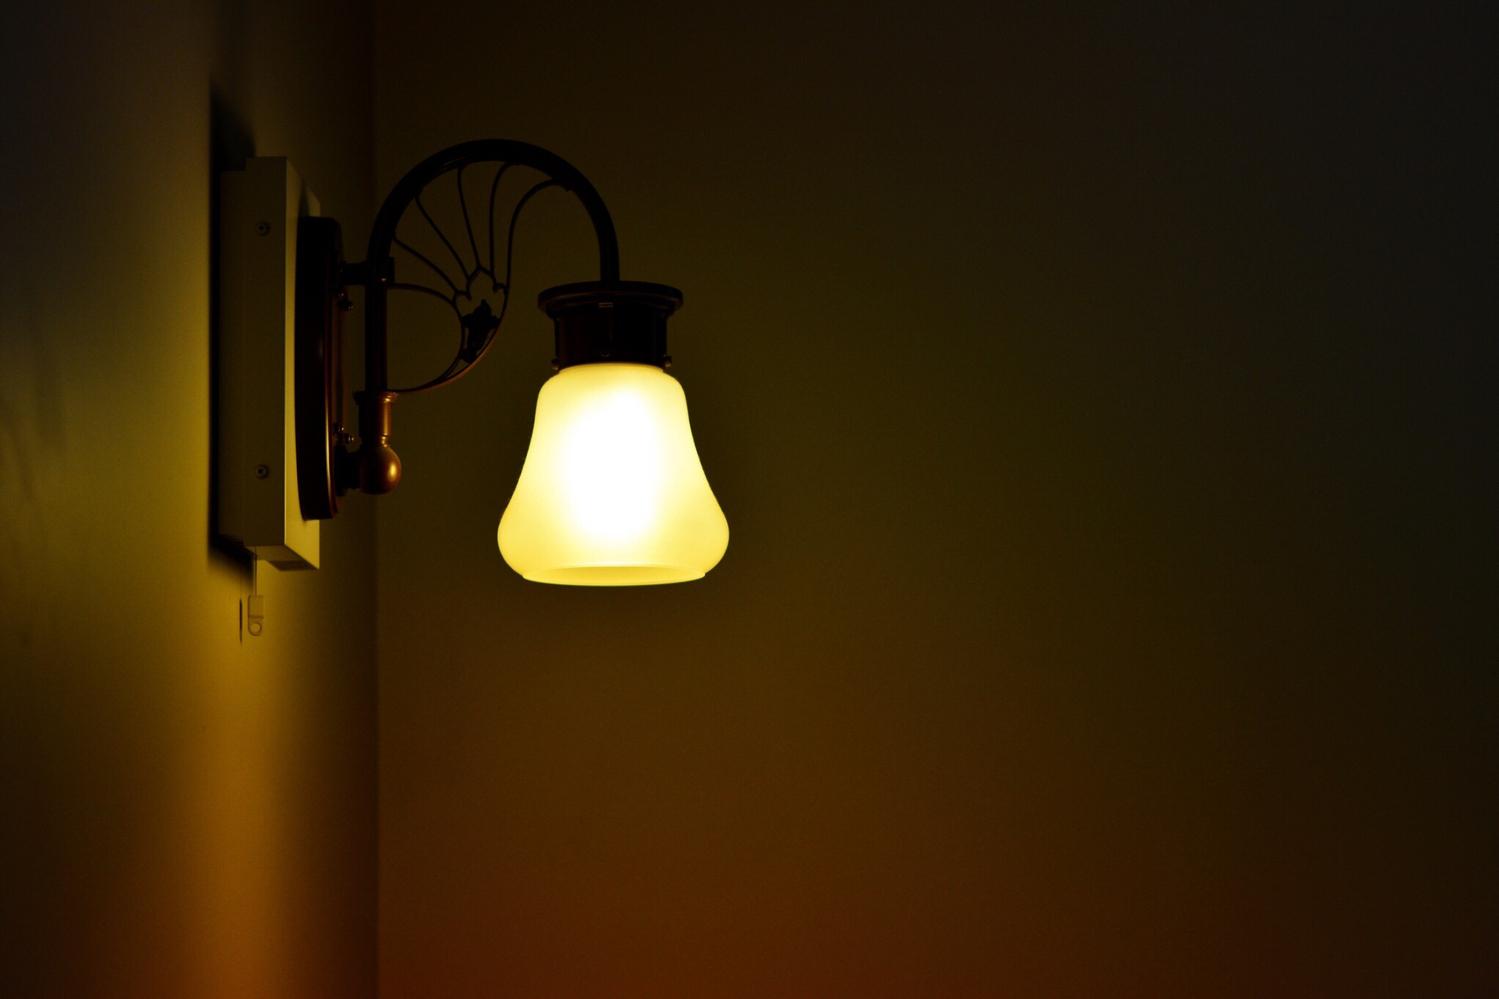 おきて1 部屋の電気は暗め